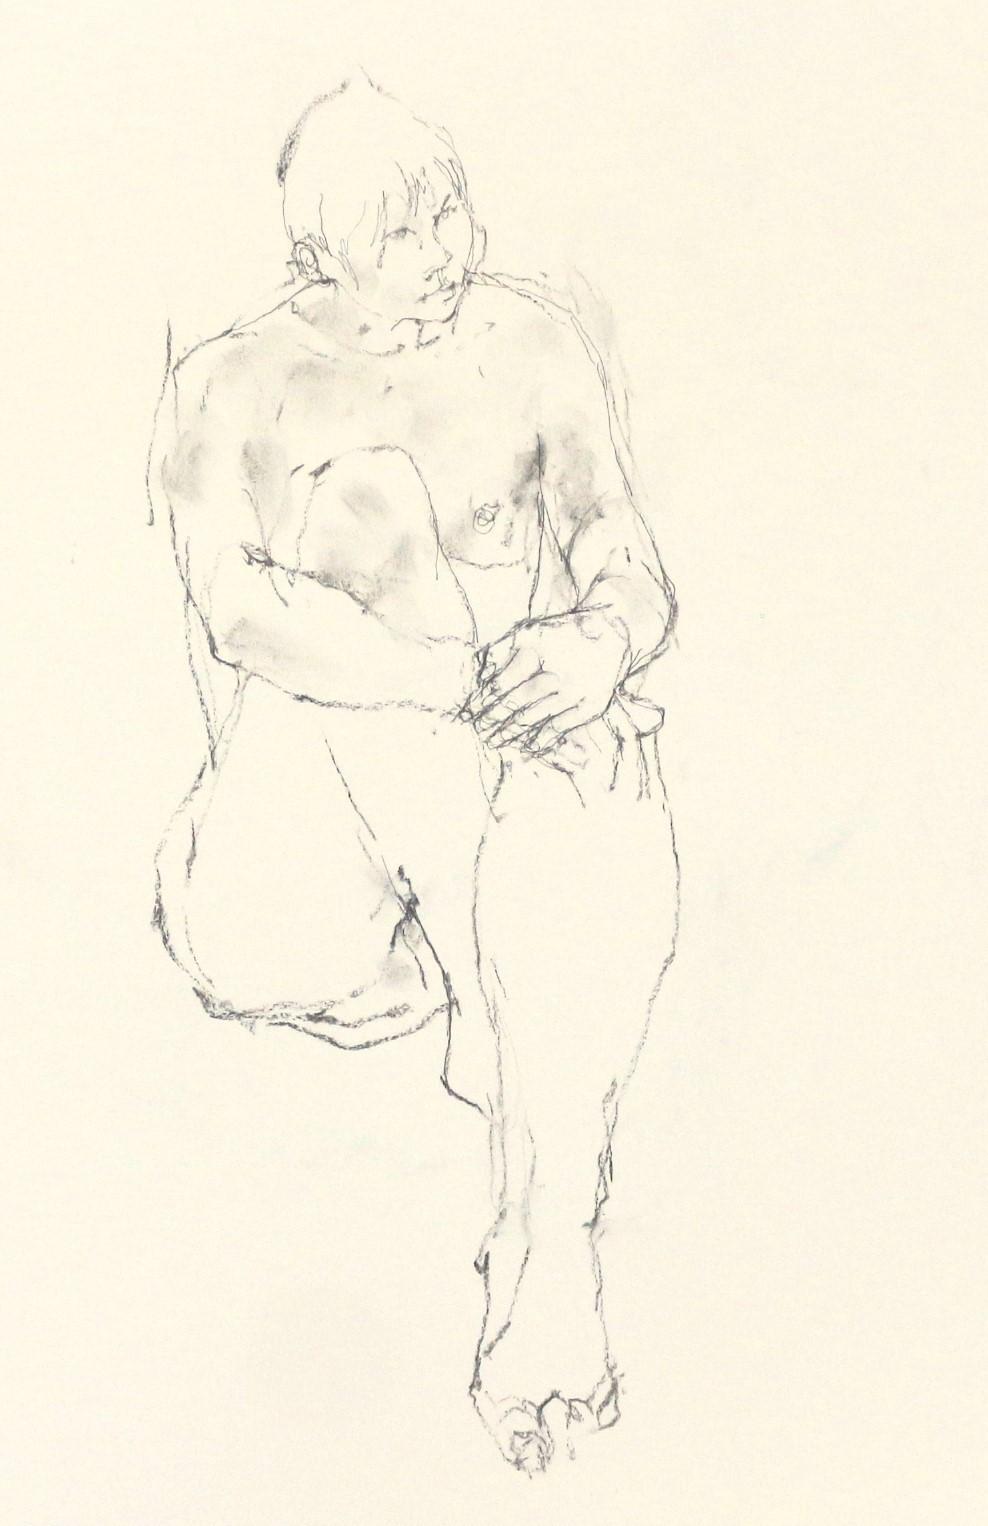 《 「四月卯月裸婦素描」4 》_f0159856_08592307.jpg